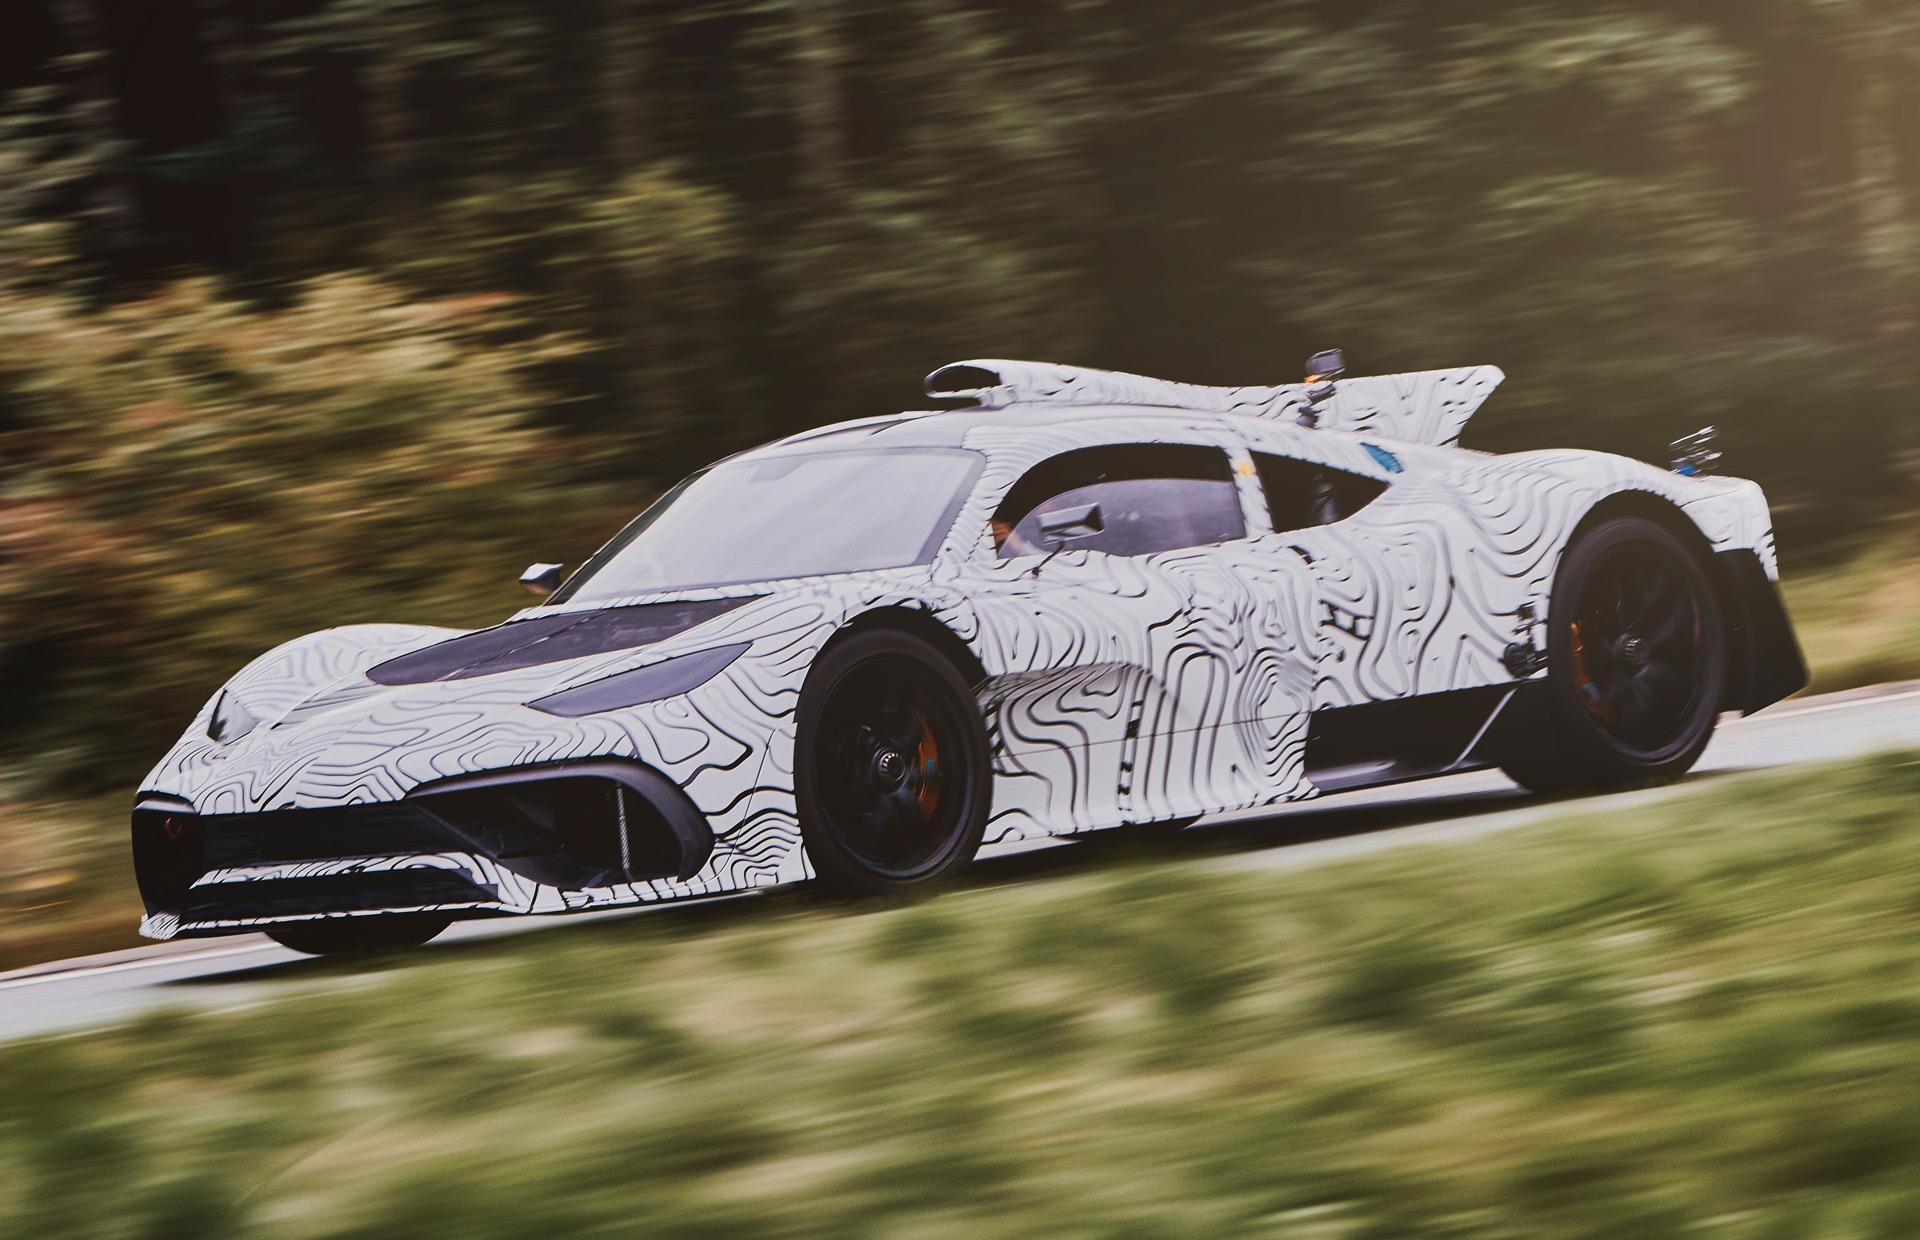 Mercedes-AMG One, Lamborghini SCV12, Enzo Ferrari biopic: Car News Headlines